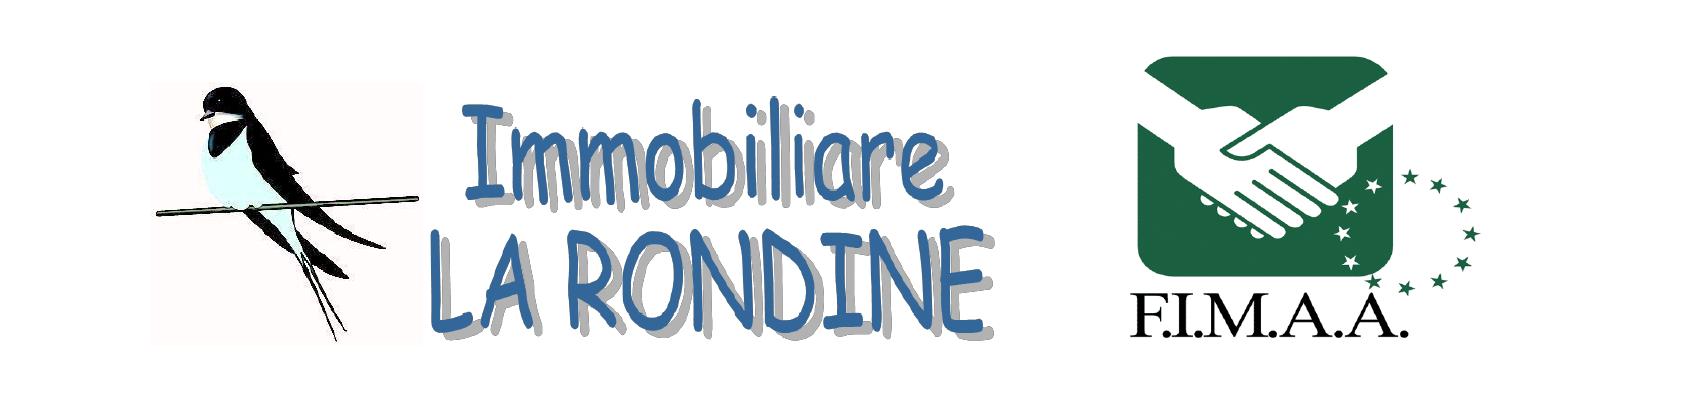 Immobiliare La Rondine di Angelica Bartolini